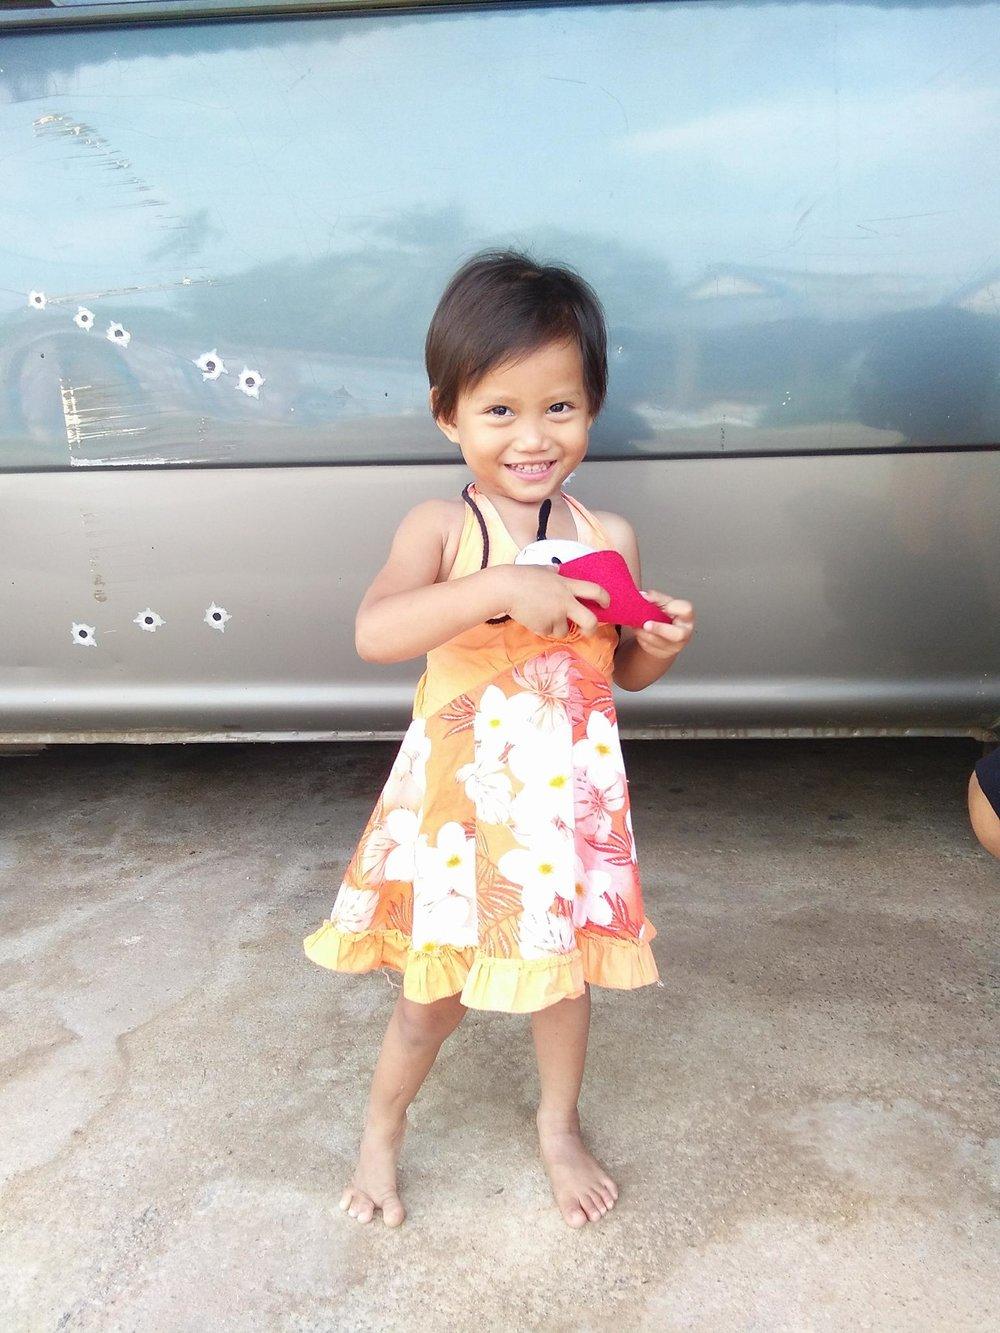 Anyong (3 years old, Girl)